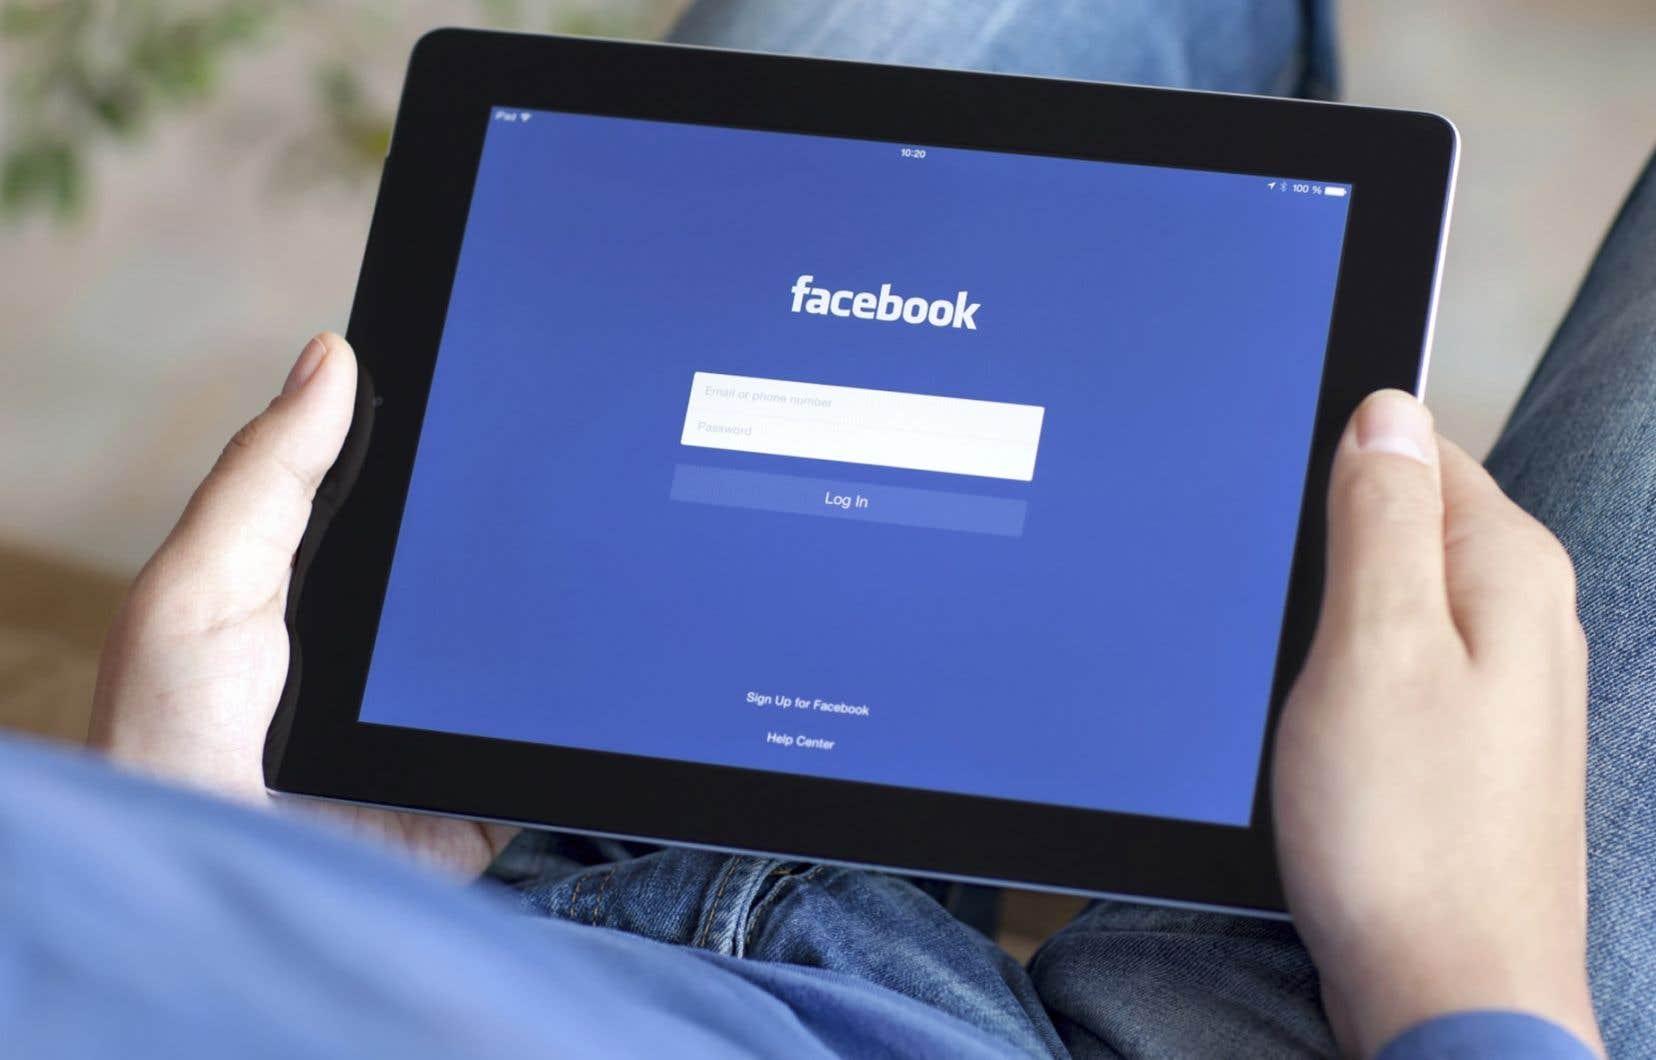 Facebook a reconnu qu'il n'était pas possible de s'attaquer seul au problème et indiqué avoir collaboré avec les forces de l'ordre, des experts et d'autres compagnies.